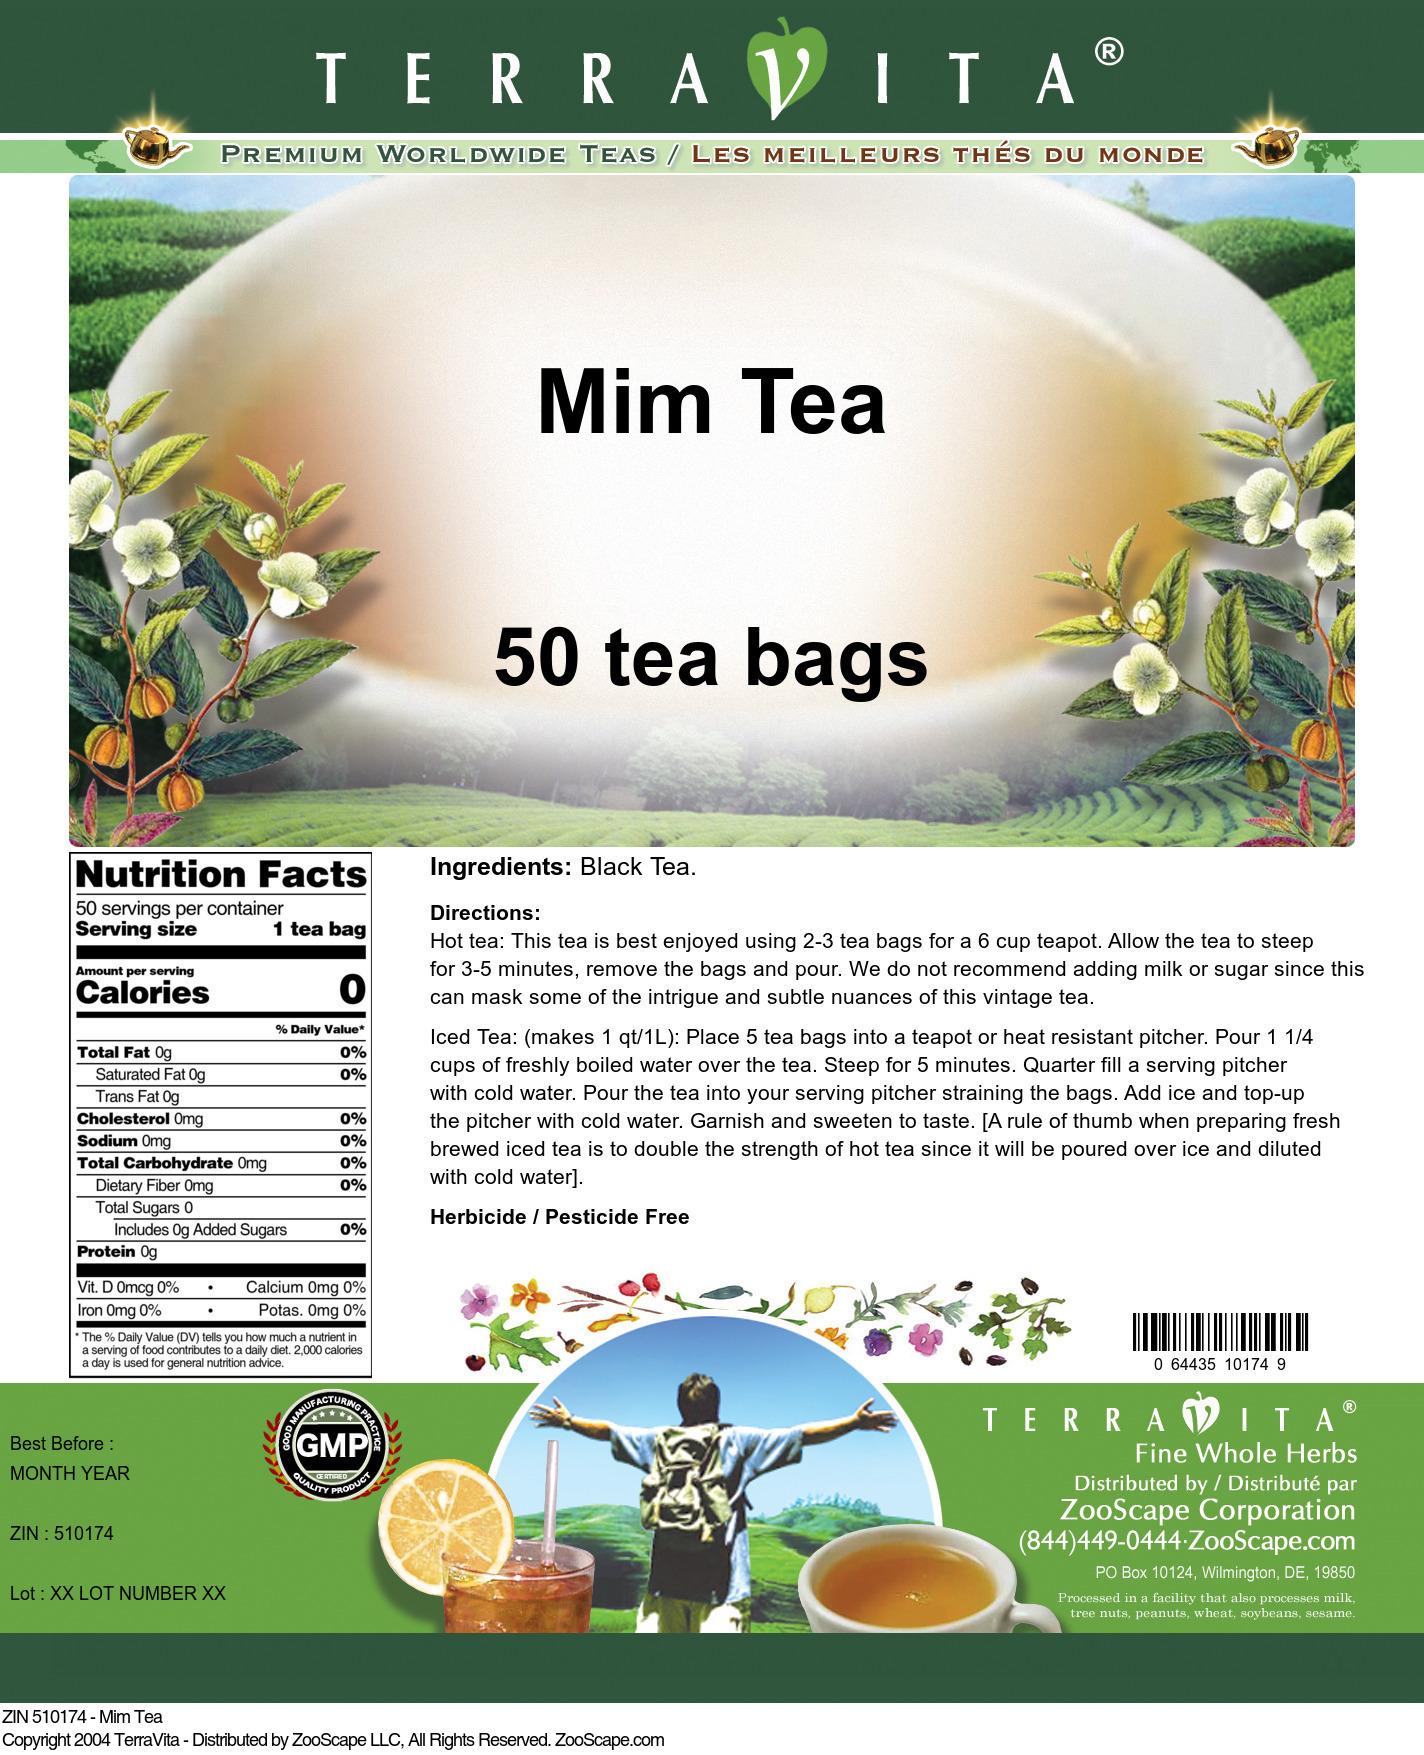 Mim Tea